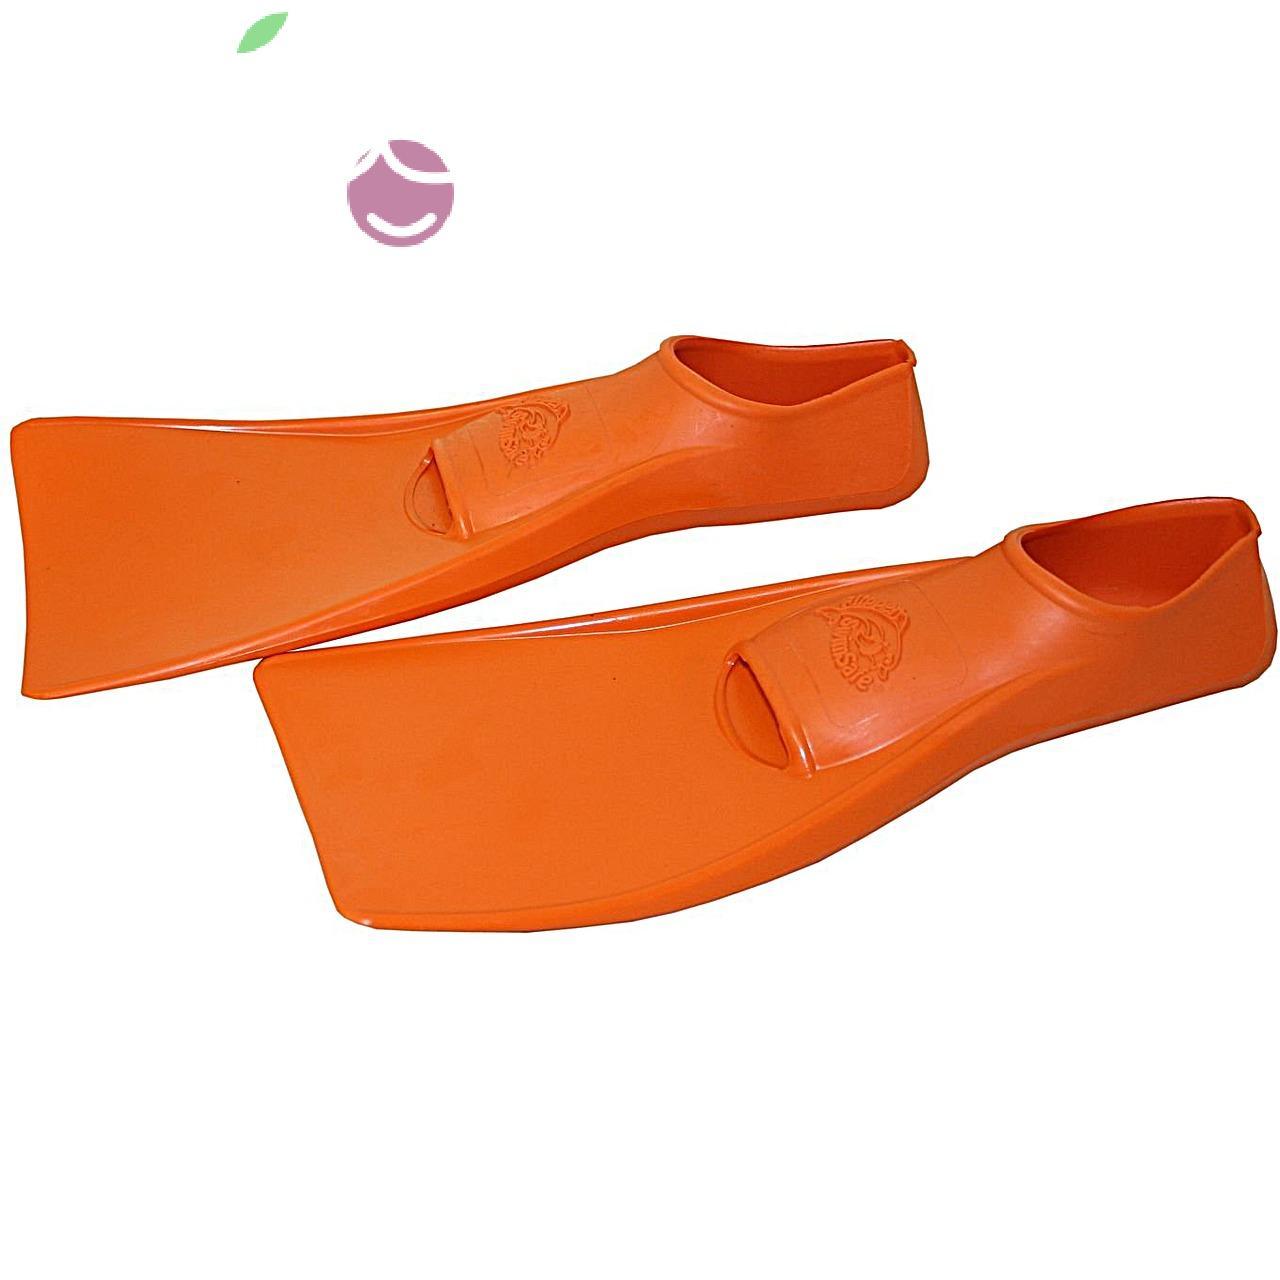 Ласты детские эластичные маленький размер 24 оранжевые закрытая пятка ProperCarry (ПРОПЕРКЭРРИ), - фото 3